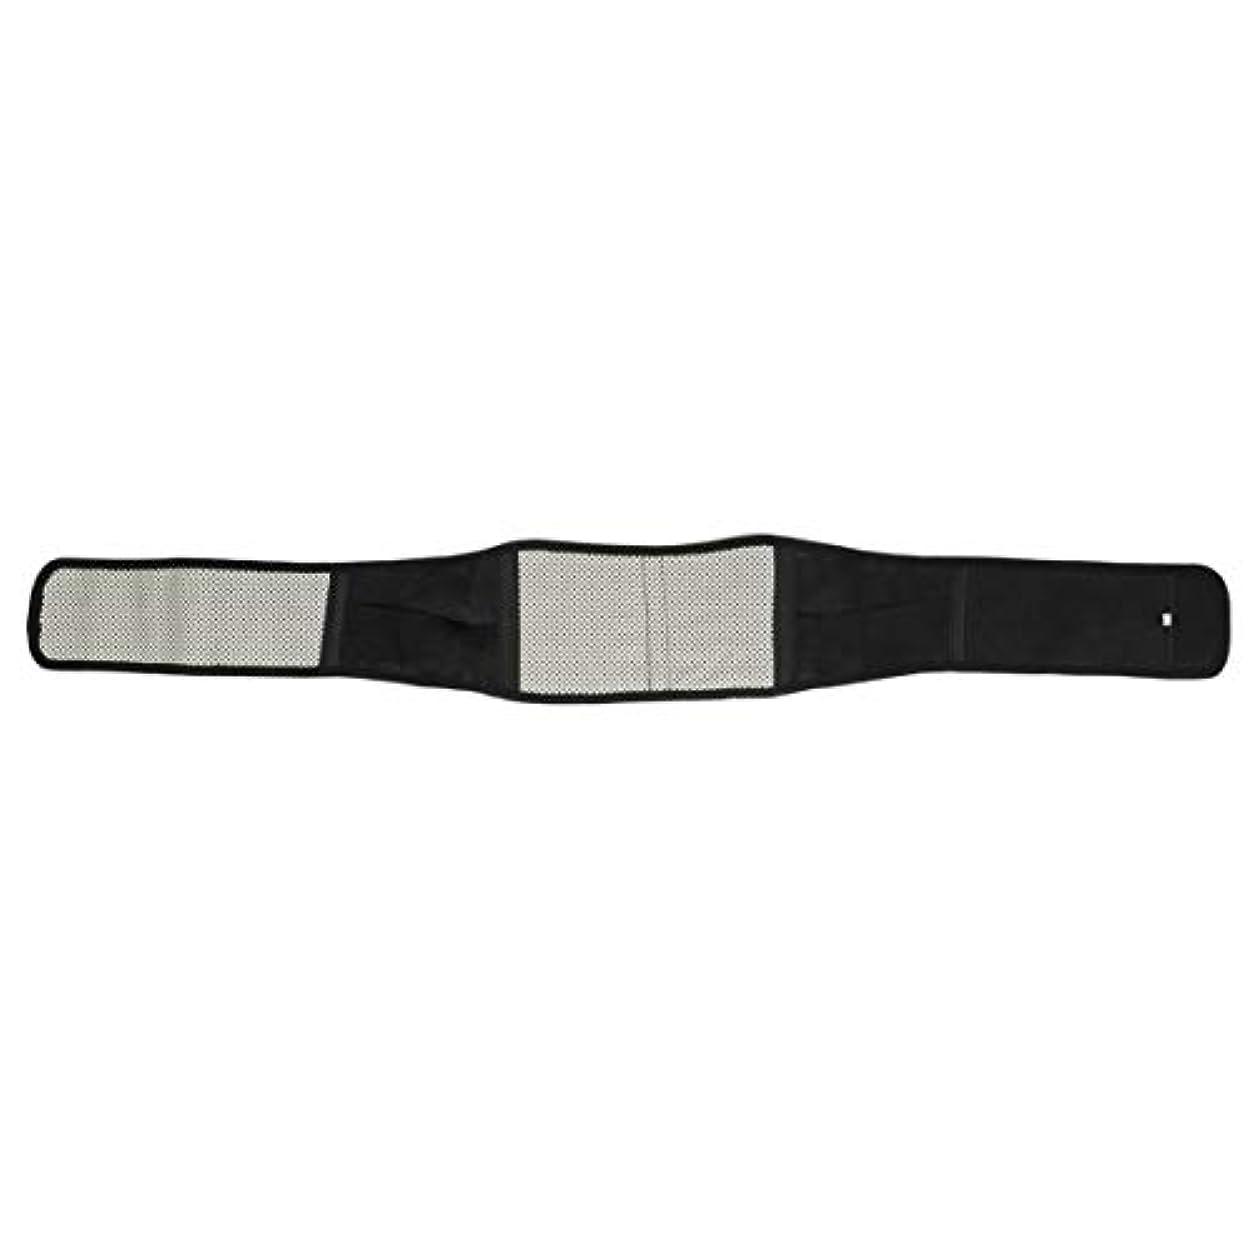 旋回物理的に未払いintercorey脂肪燃焼ベルト腰椎サポート痛みマッサージャー赤外線磁気バックブレース自己発熱療法ウエストベルト調整可能な姿勢ベルト